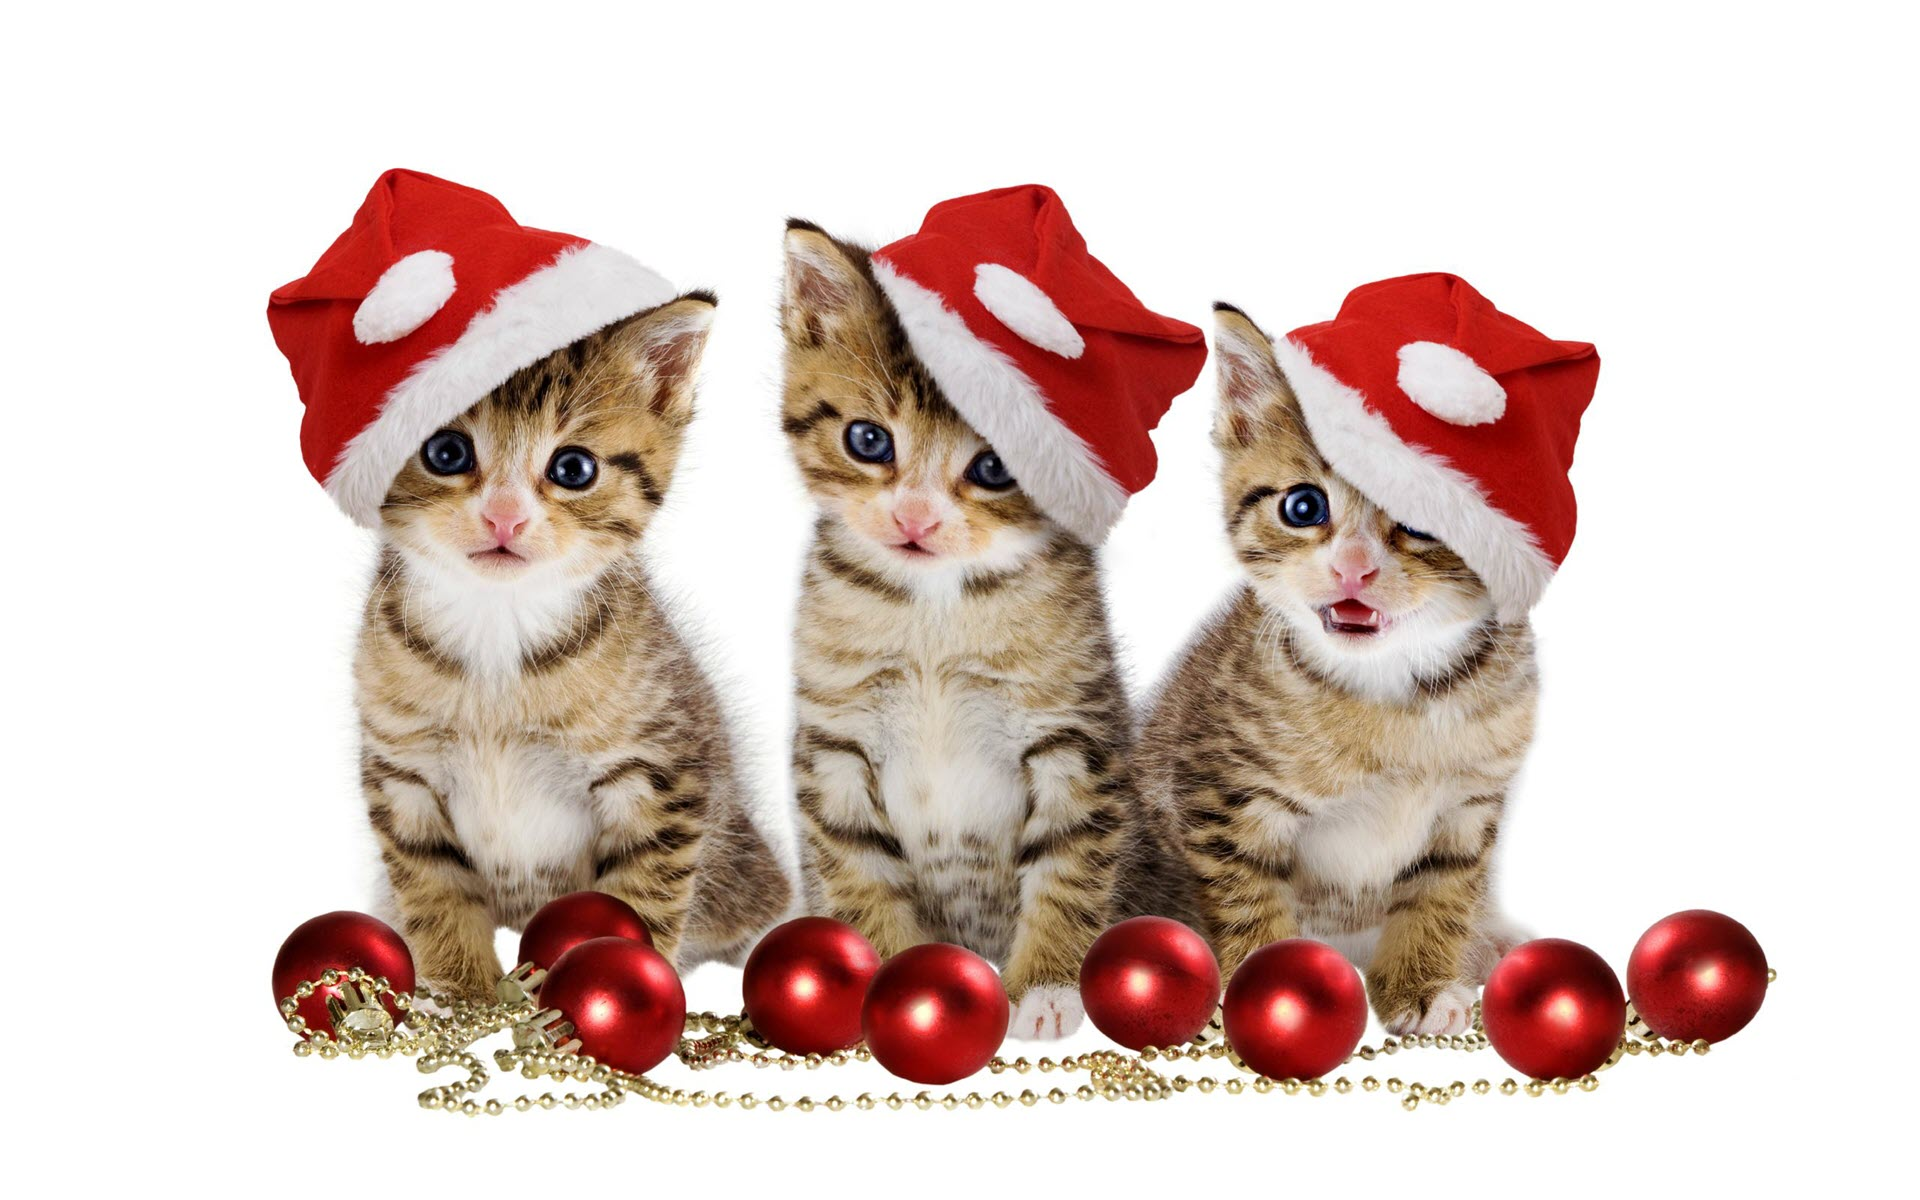 Hình nền những chú mèo trong ngày giáng sinh đẹp